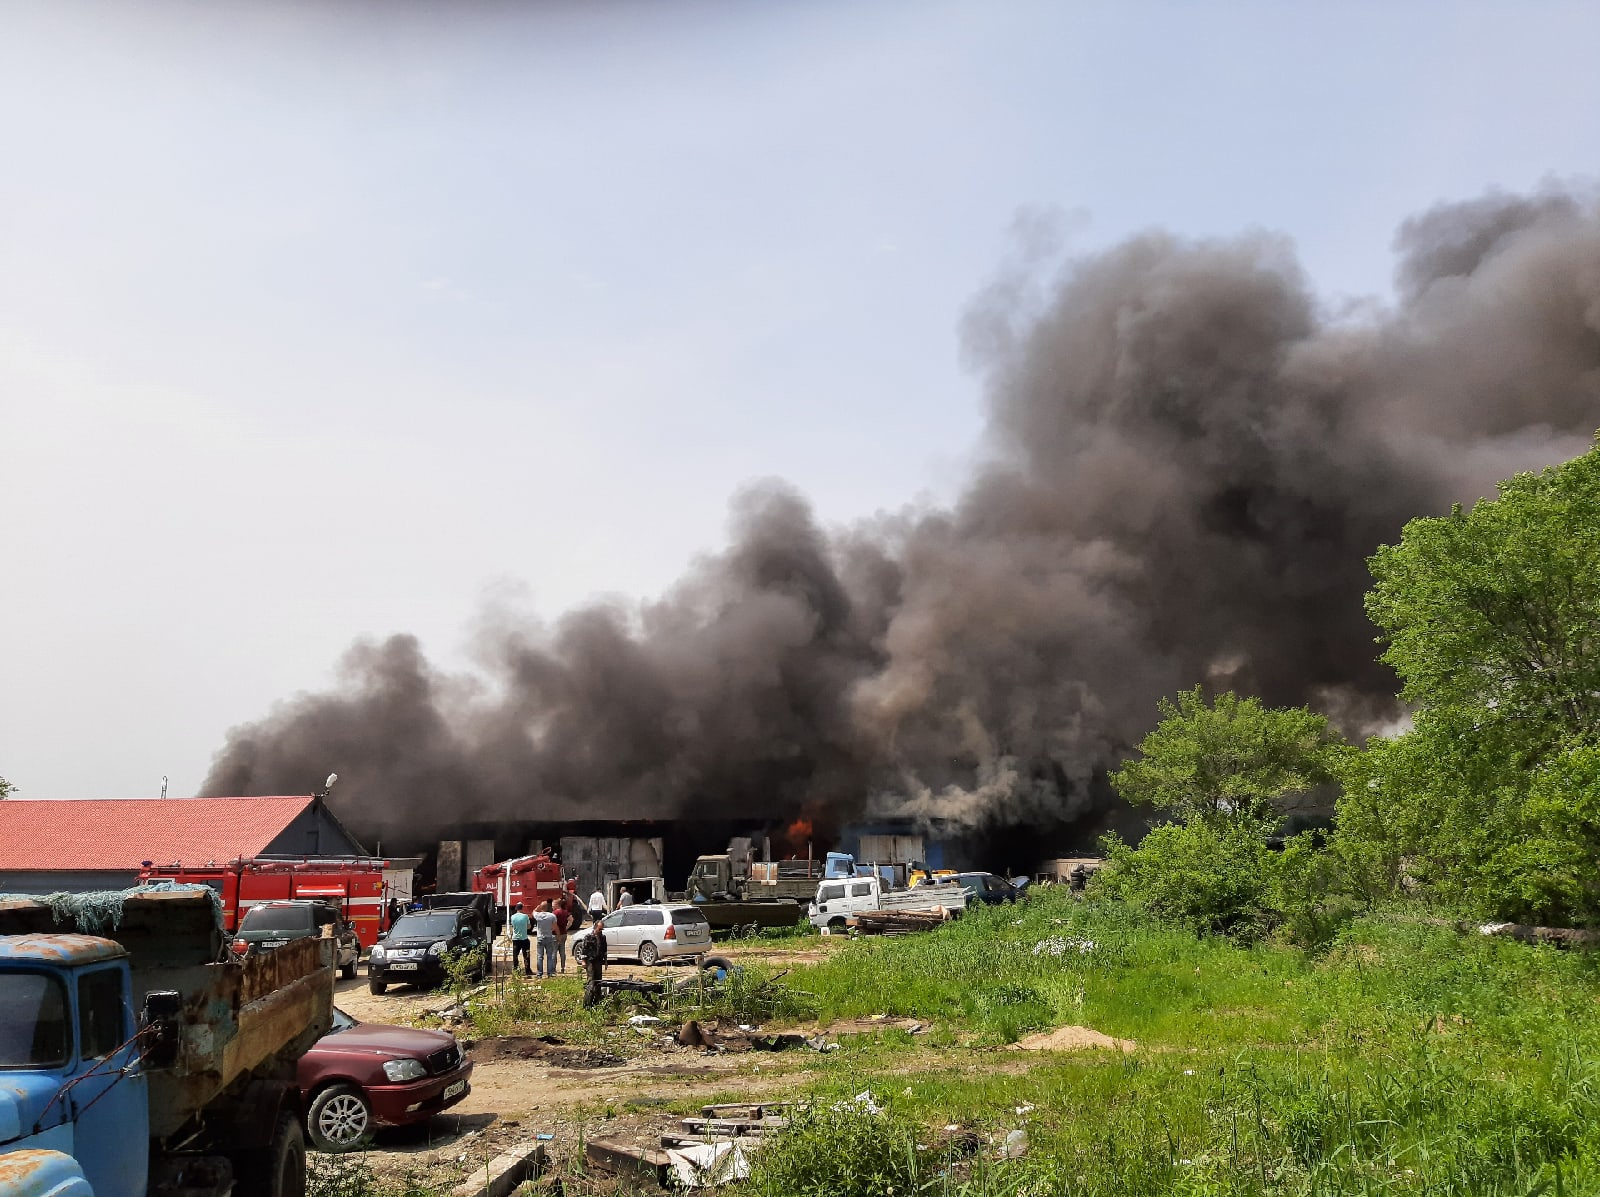 10 авто сгорело при пожаре в Хабаровске